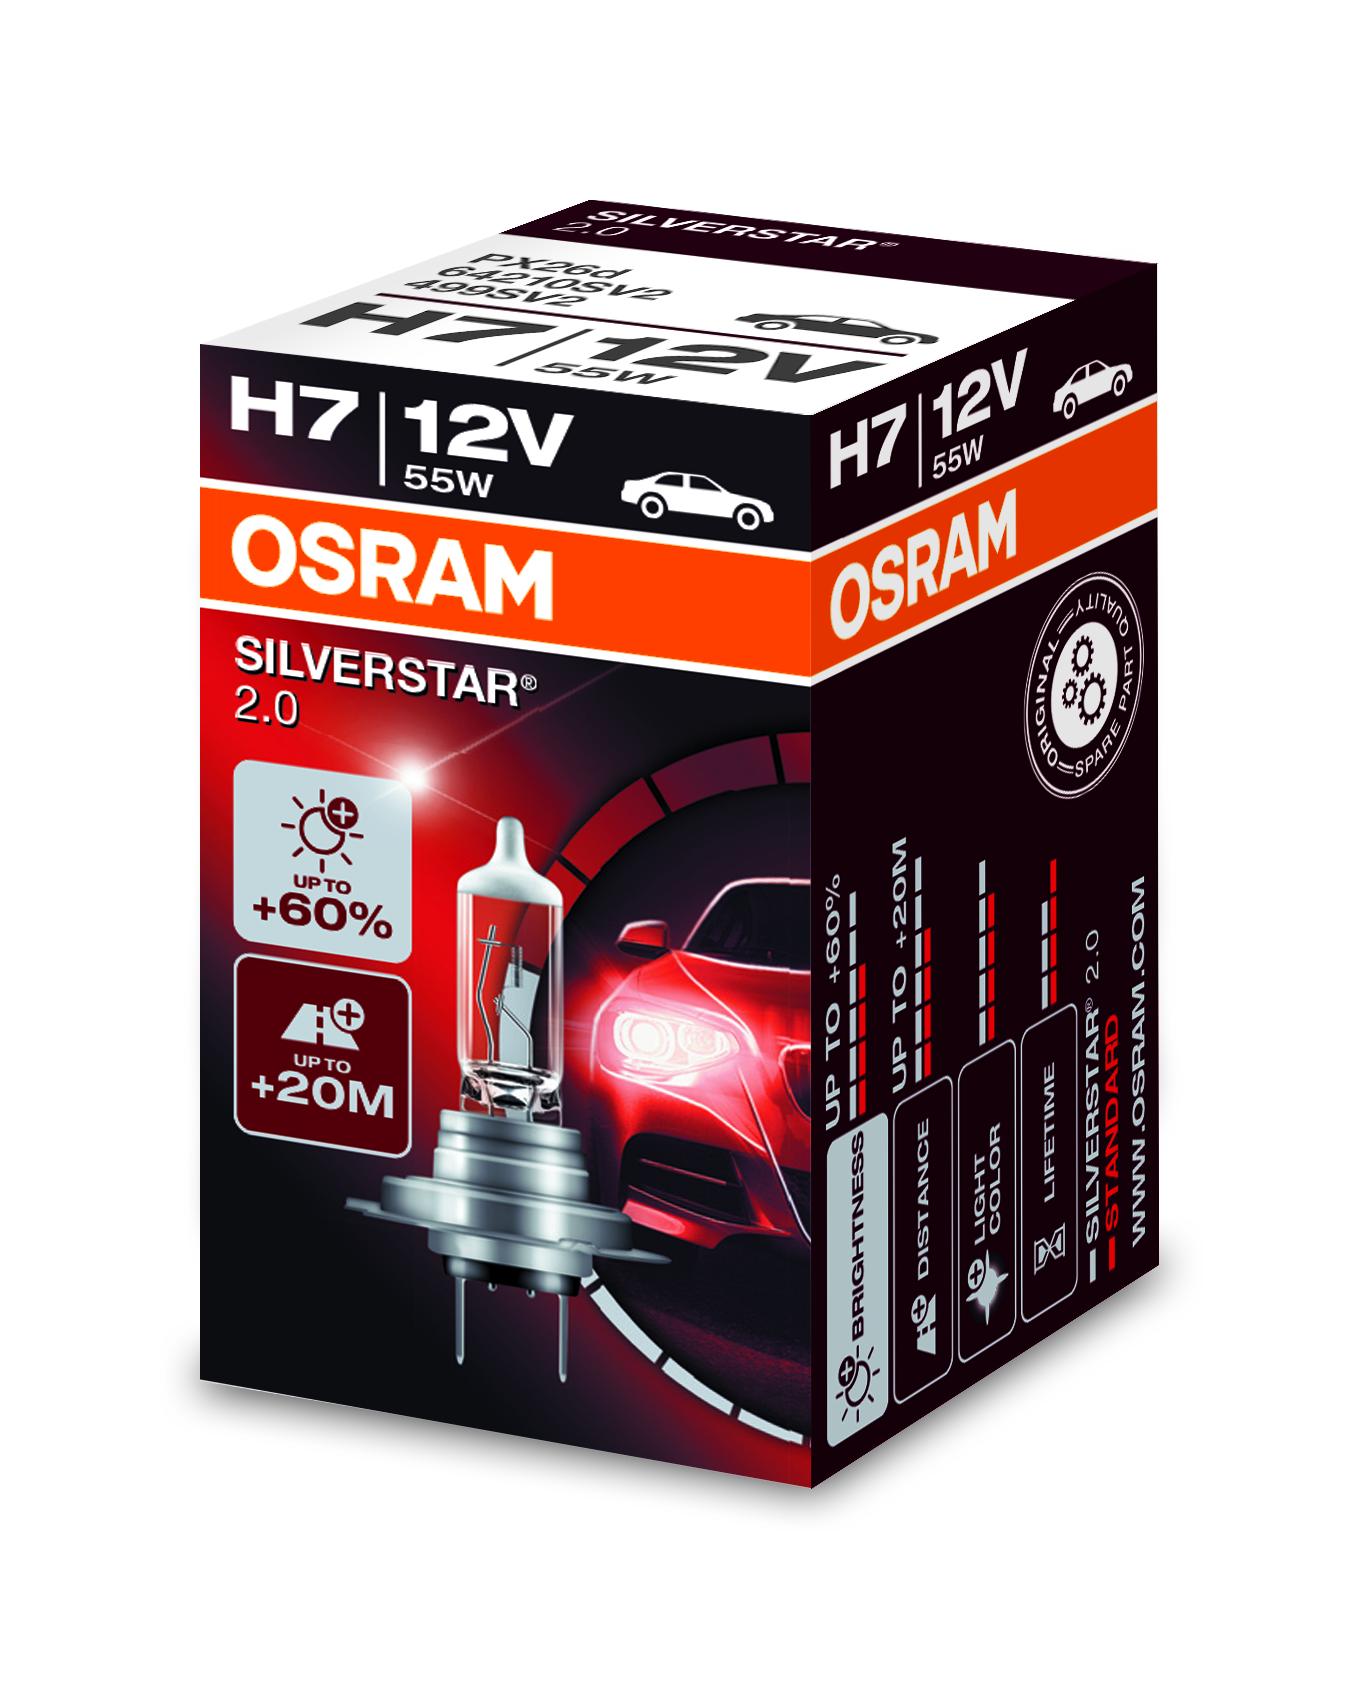 Osram halogenová žárovka, SILVERSTAR 2, H7, PX26d, 12V, 55W, 64210SV2